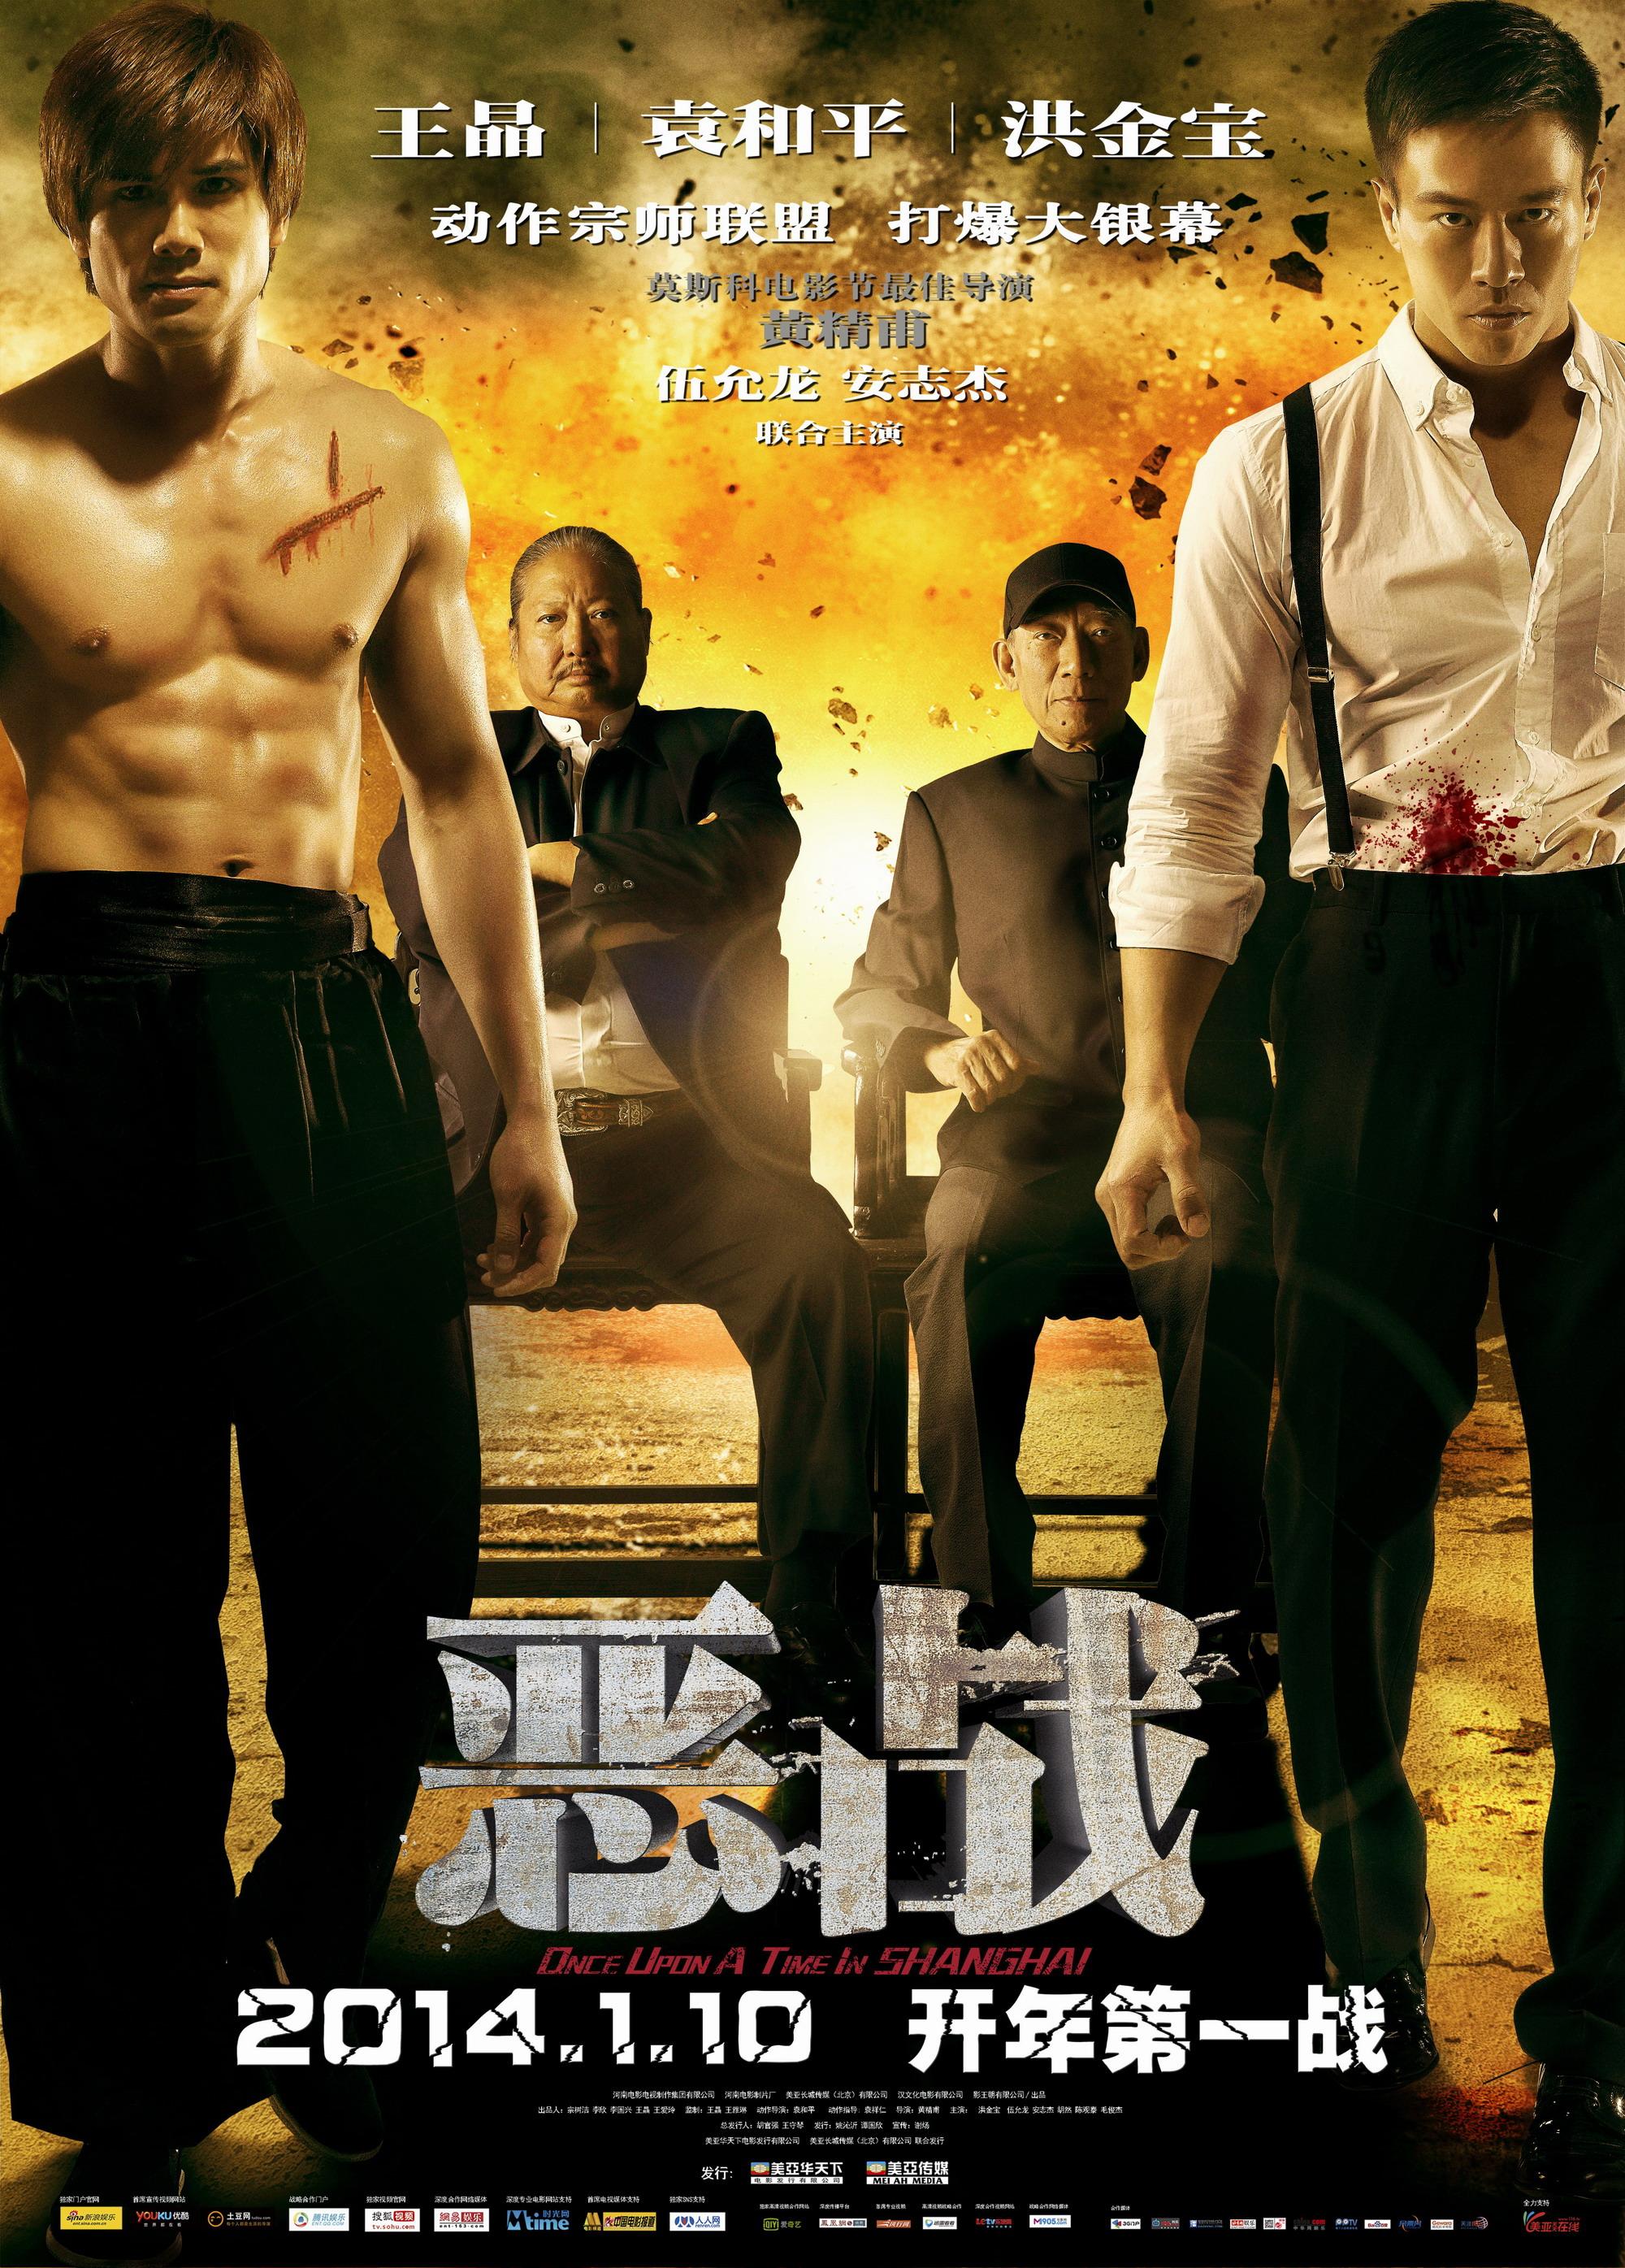 恶战: Once Upon A Time In Shanghai